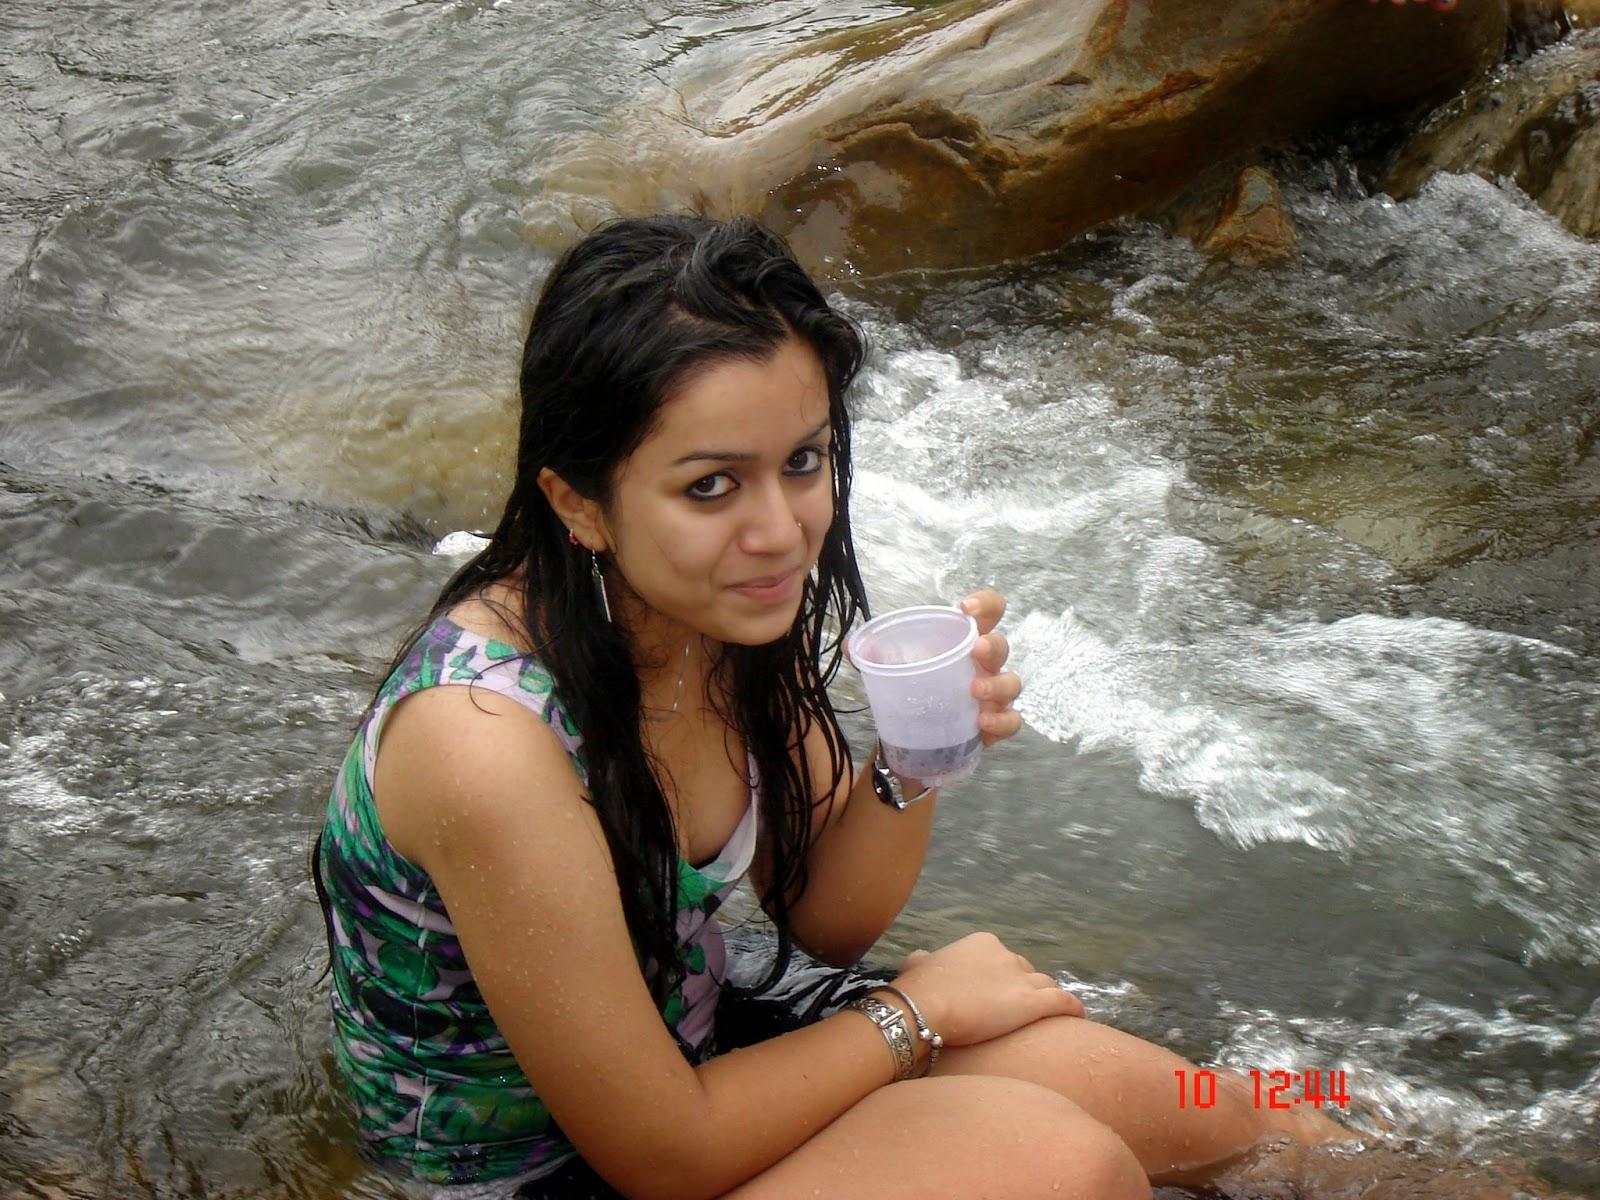 Indian girls bathing